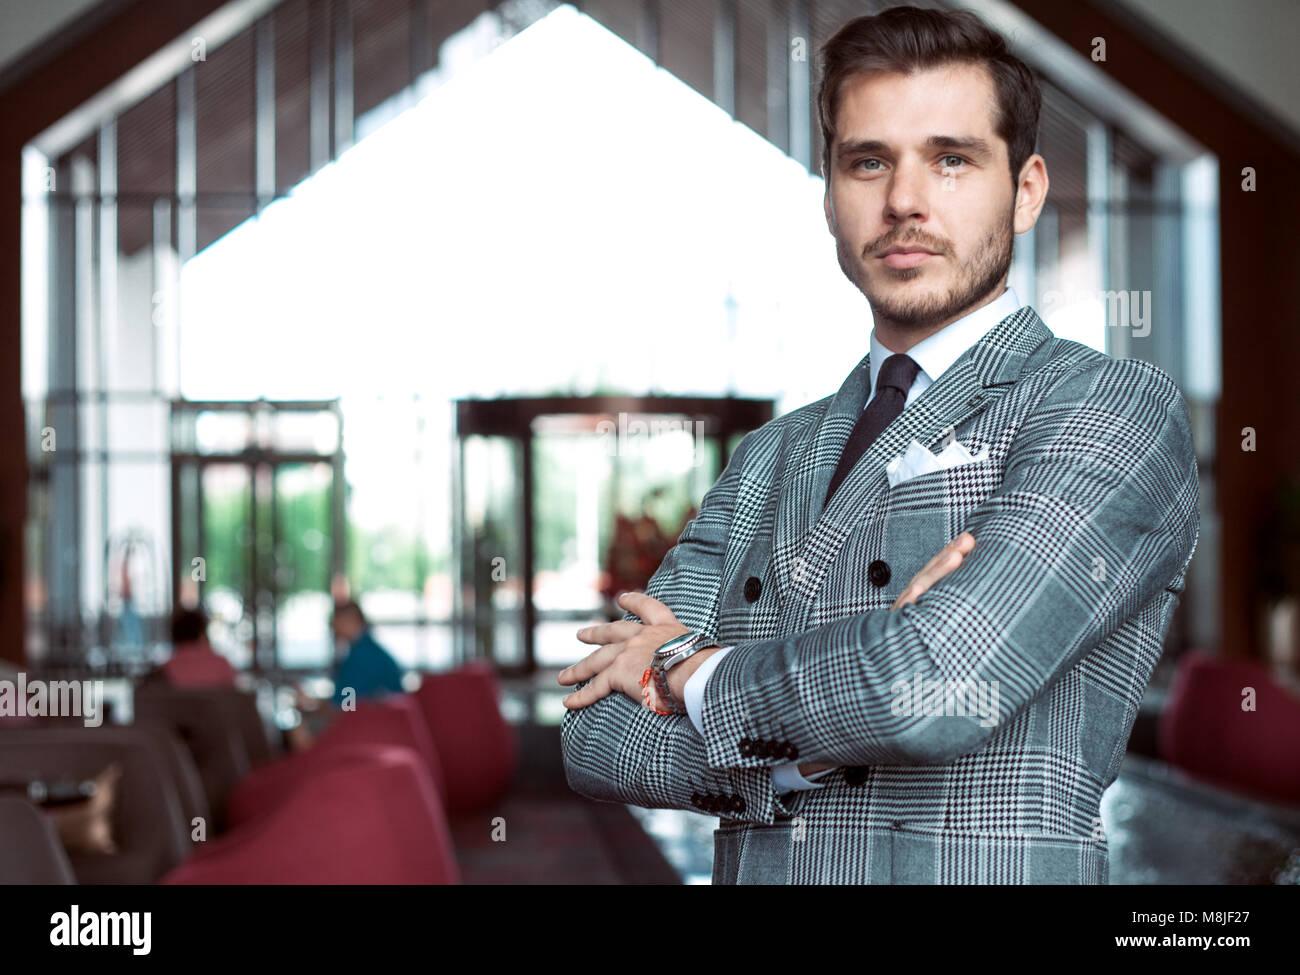 Vestito Elegante Ufficio : Elegantemente vestito imprenditore sorridente in ufficio moderno